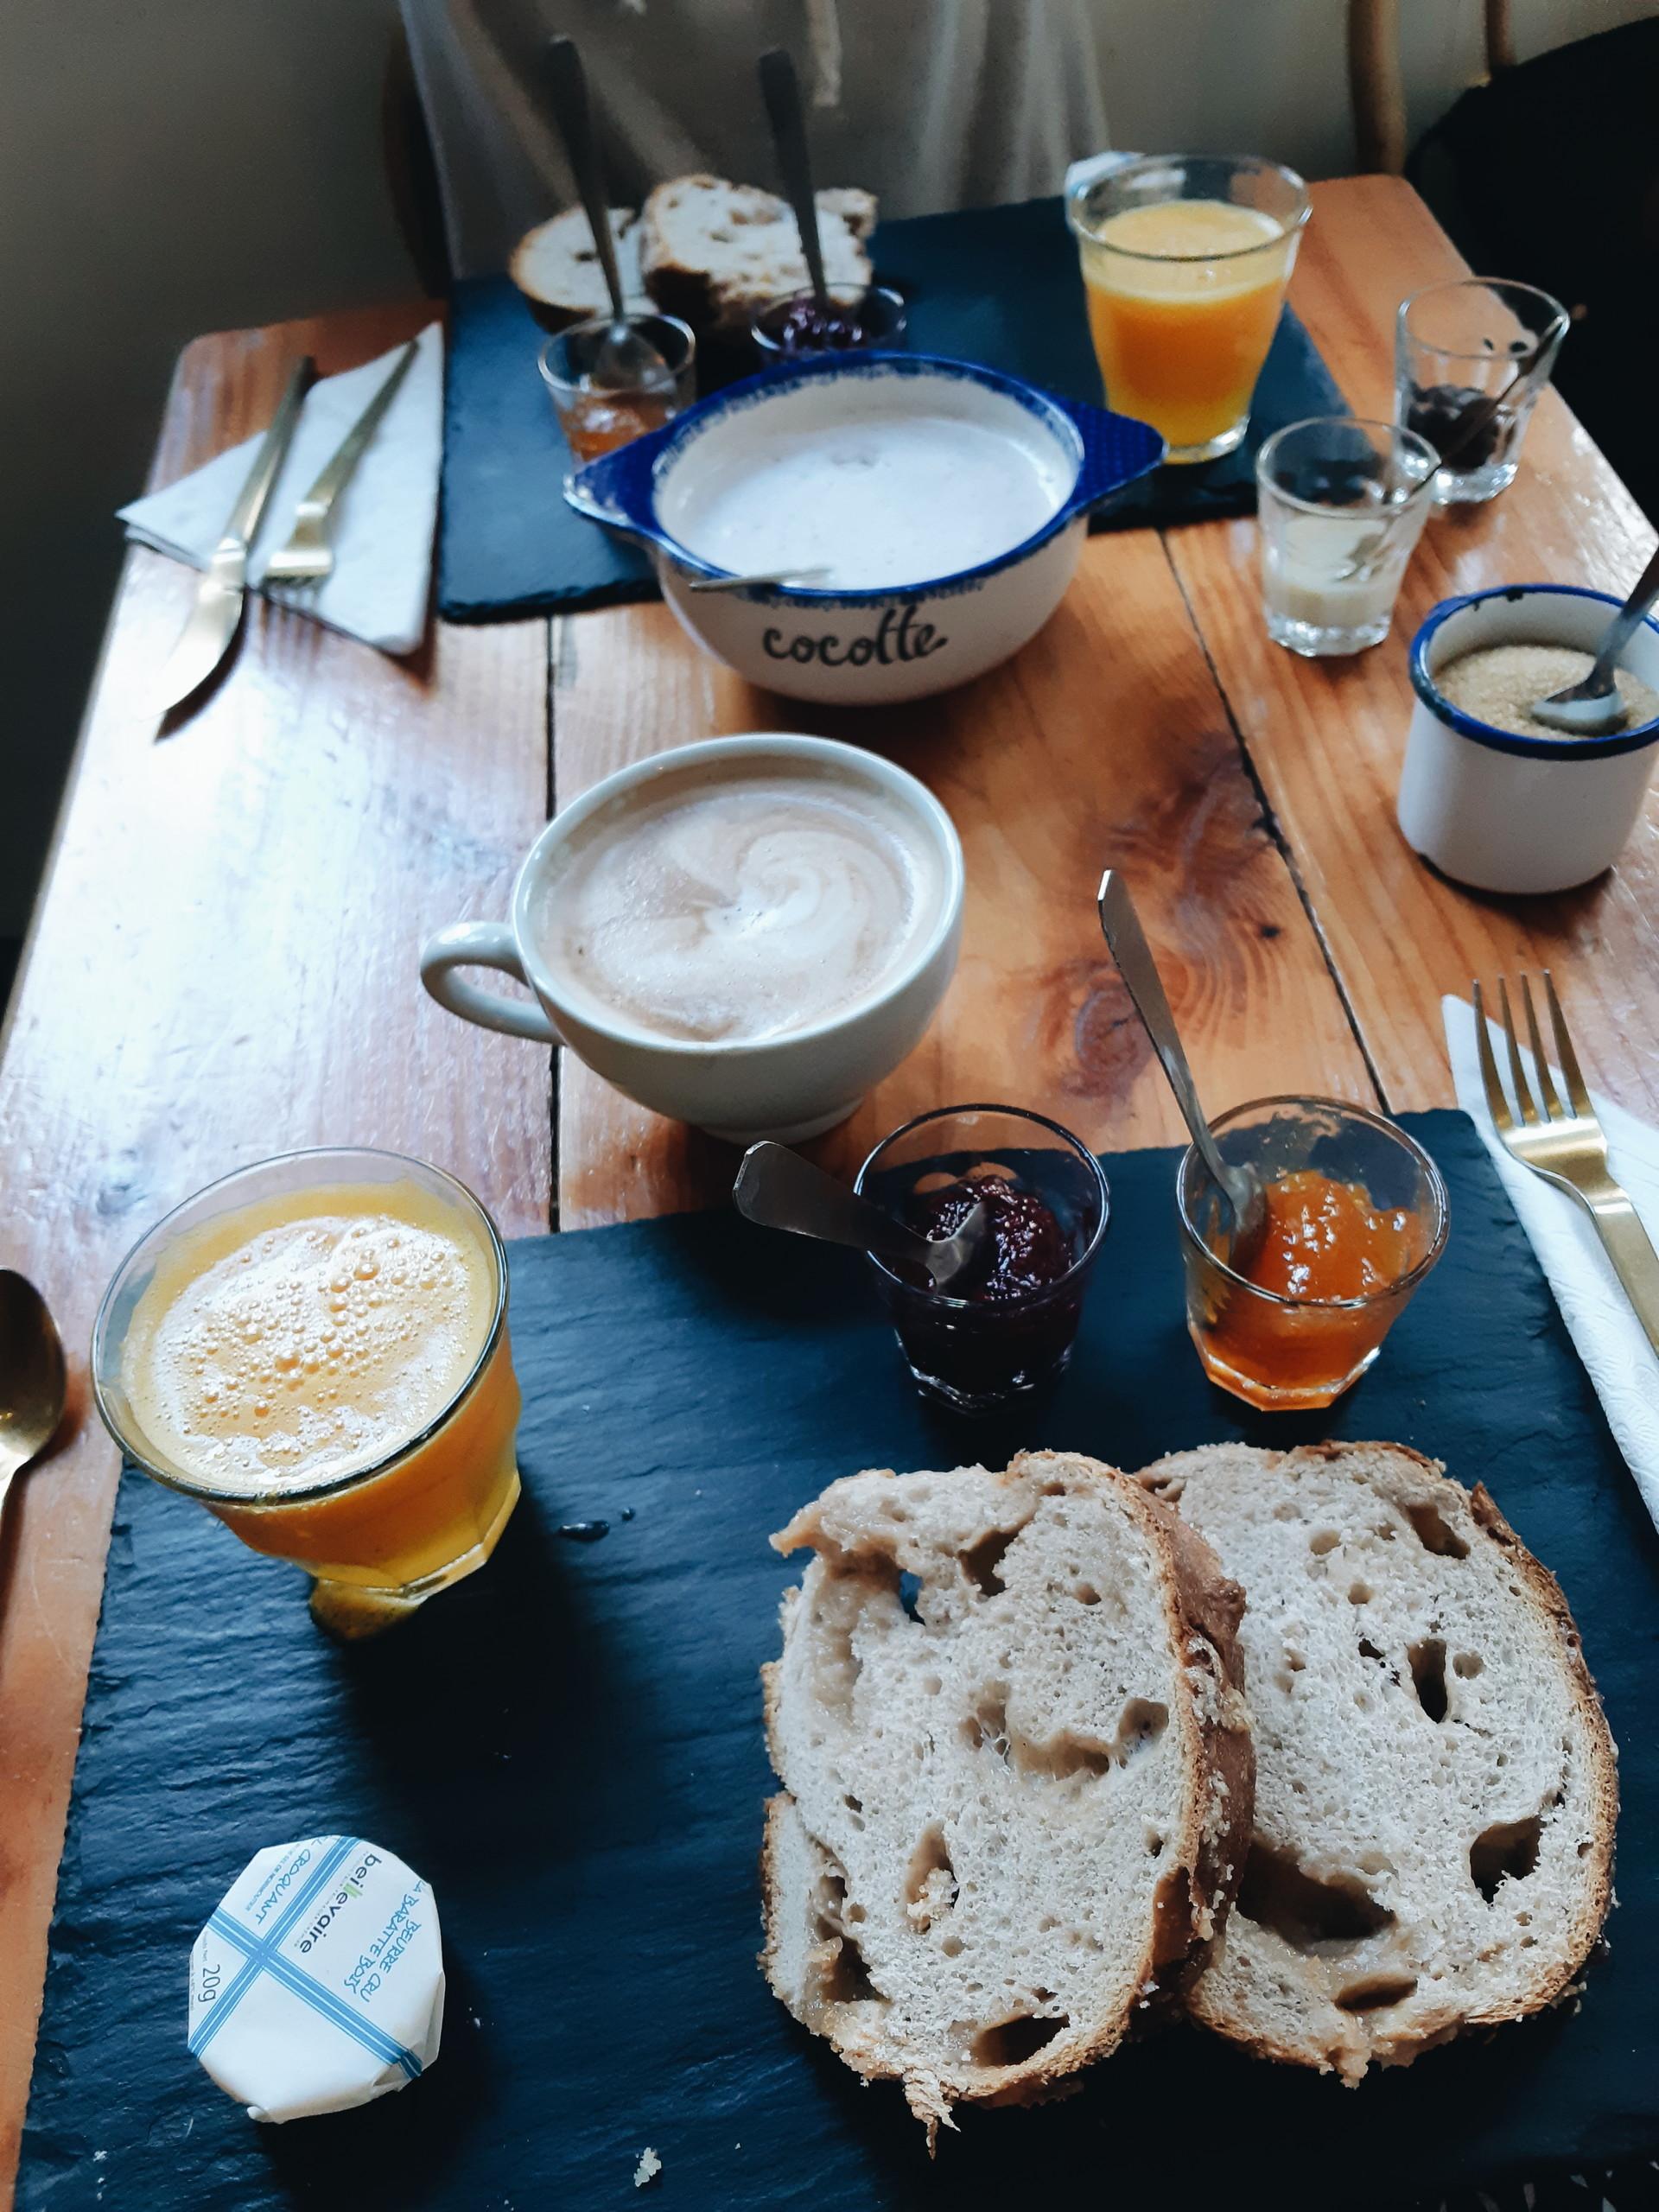 desayuno-frances-corazon-holanda-2845ef8